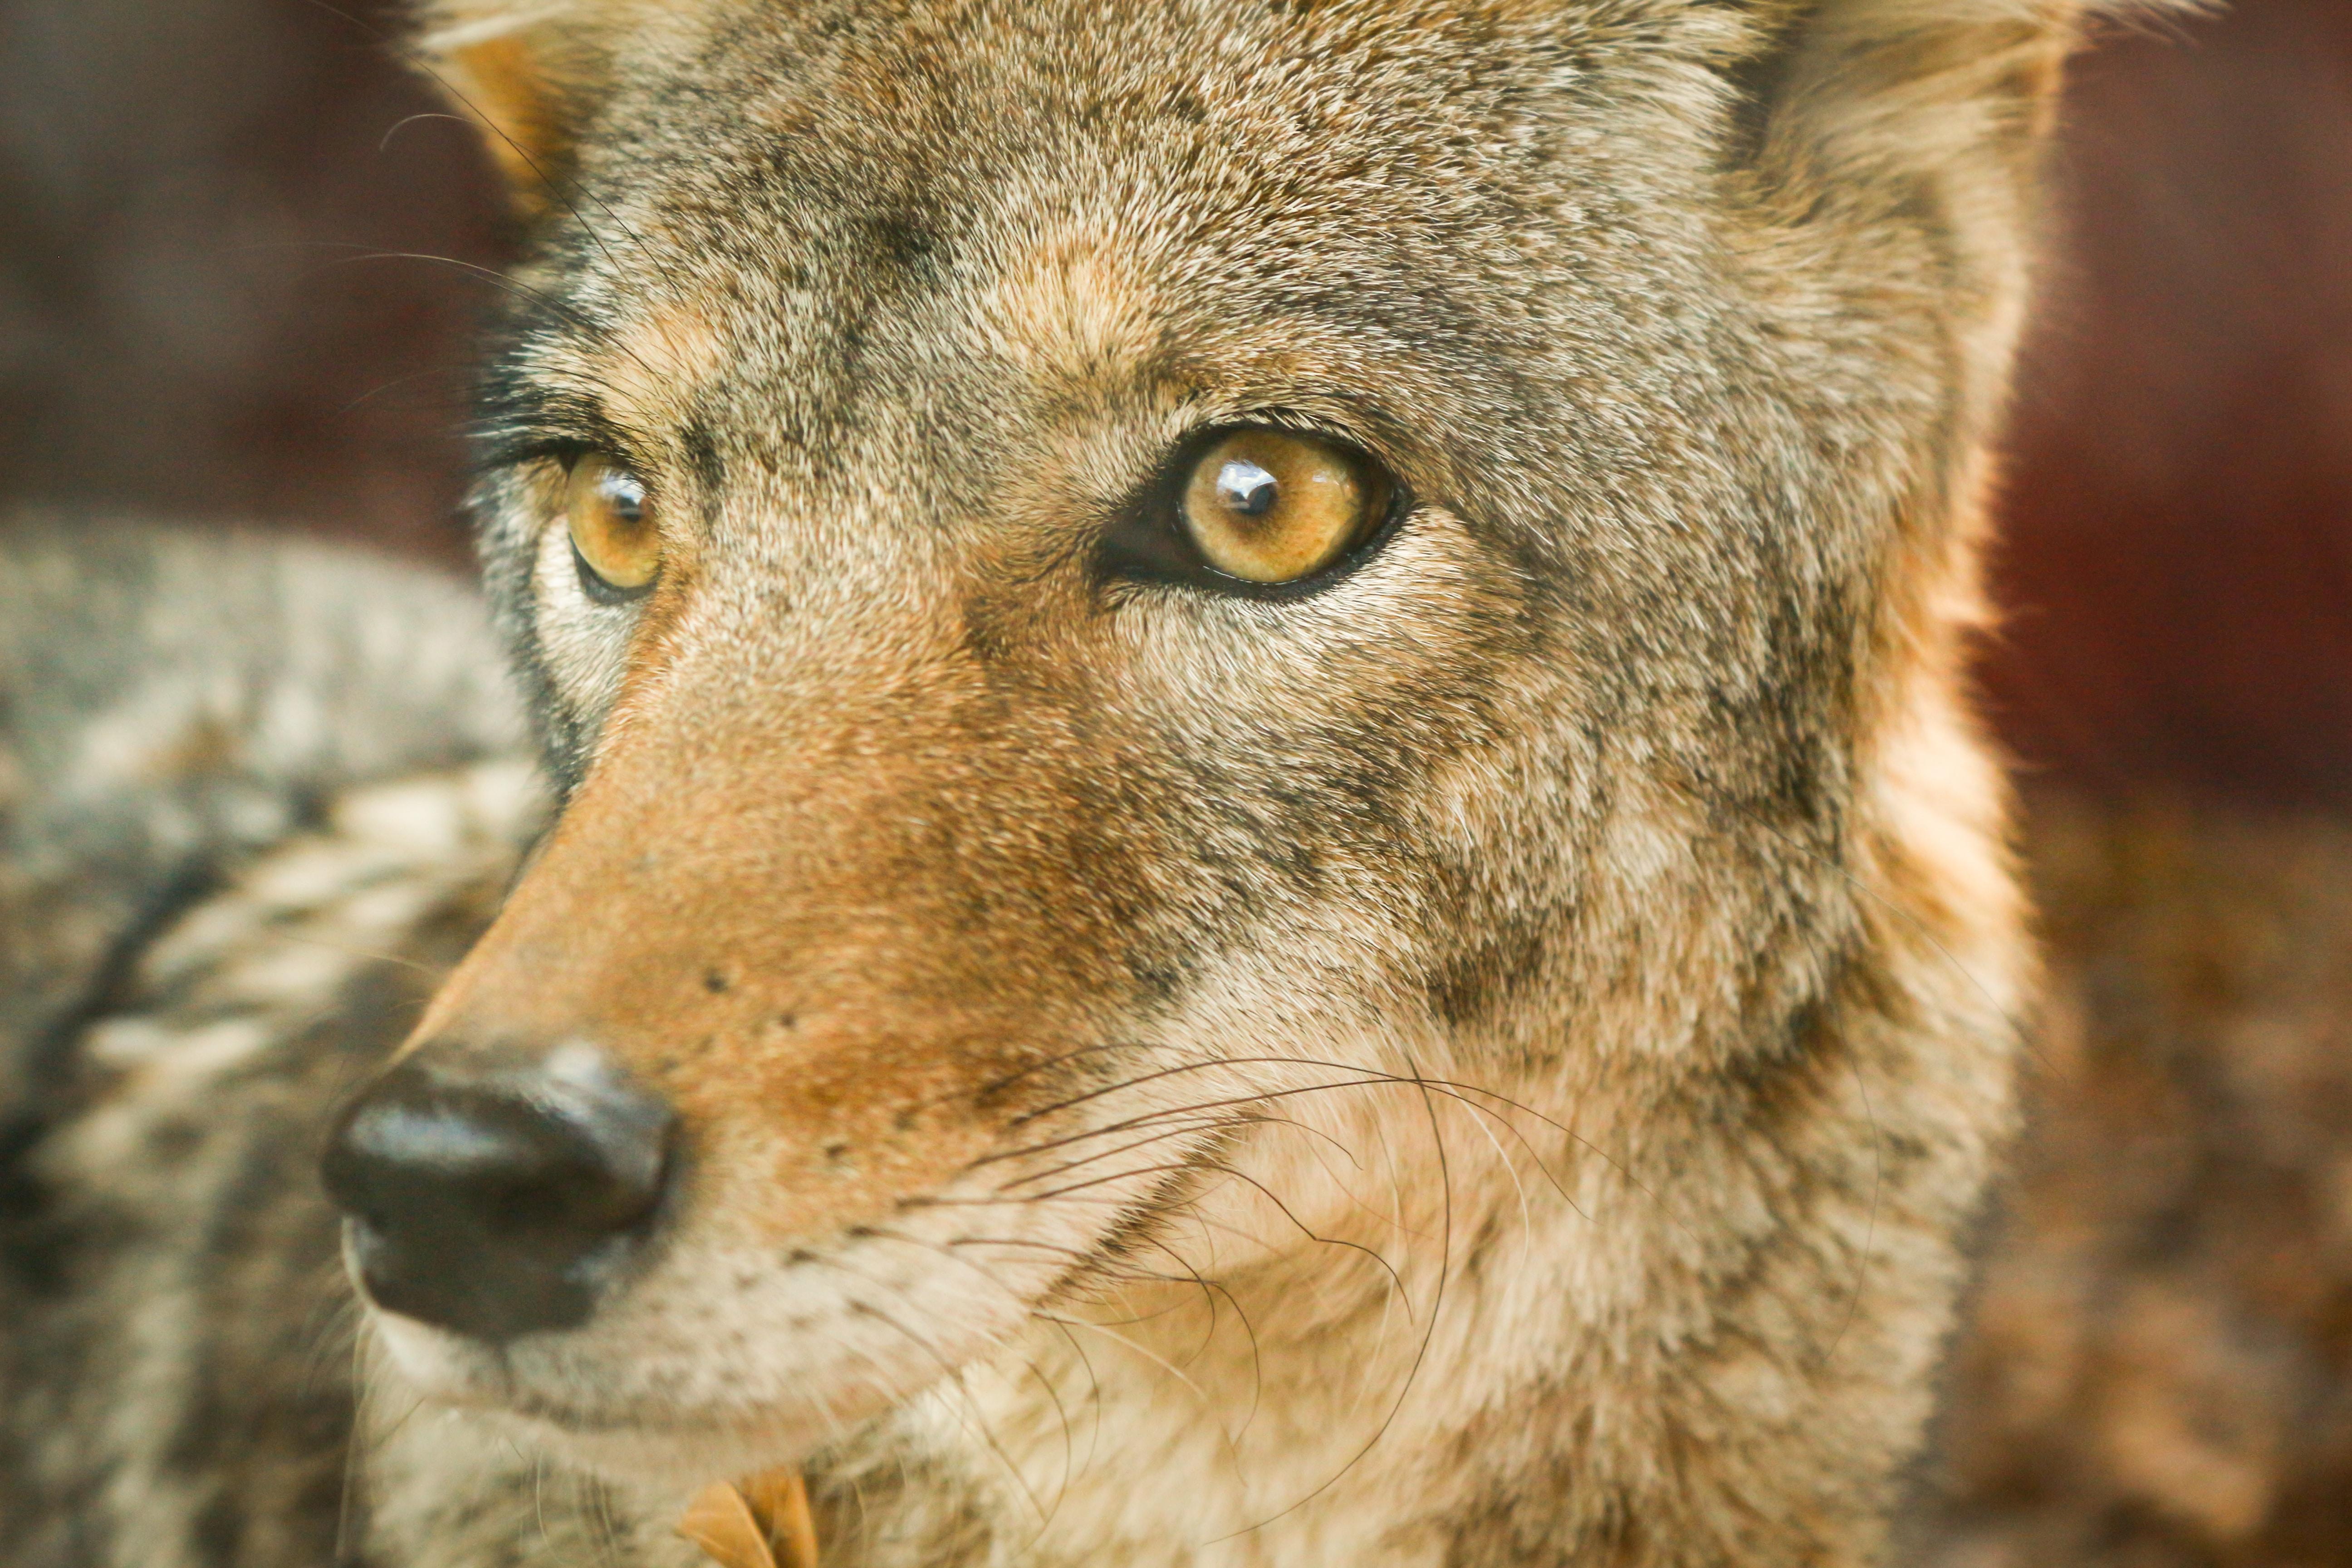 closeup photo of jackal